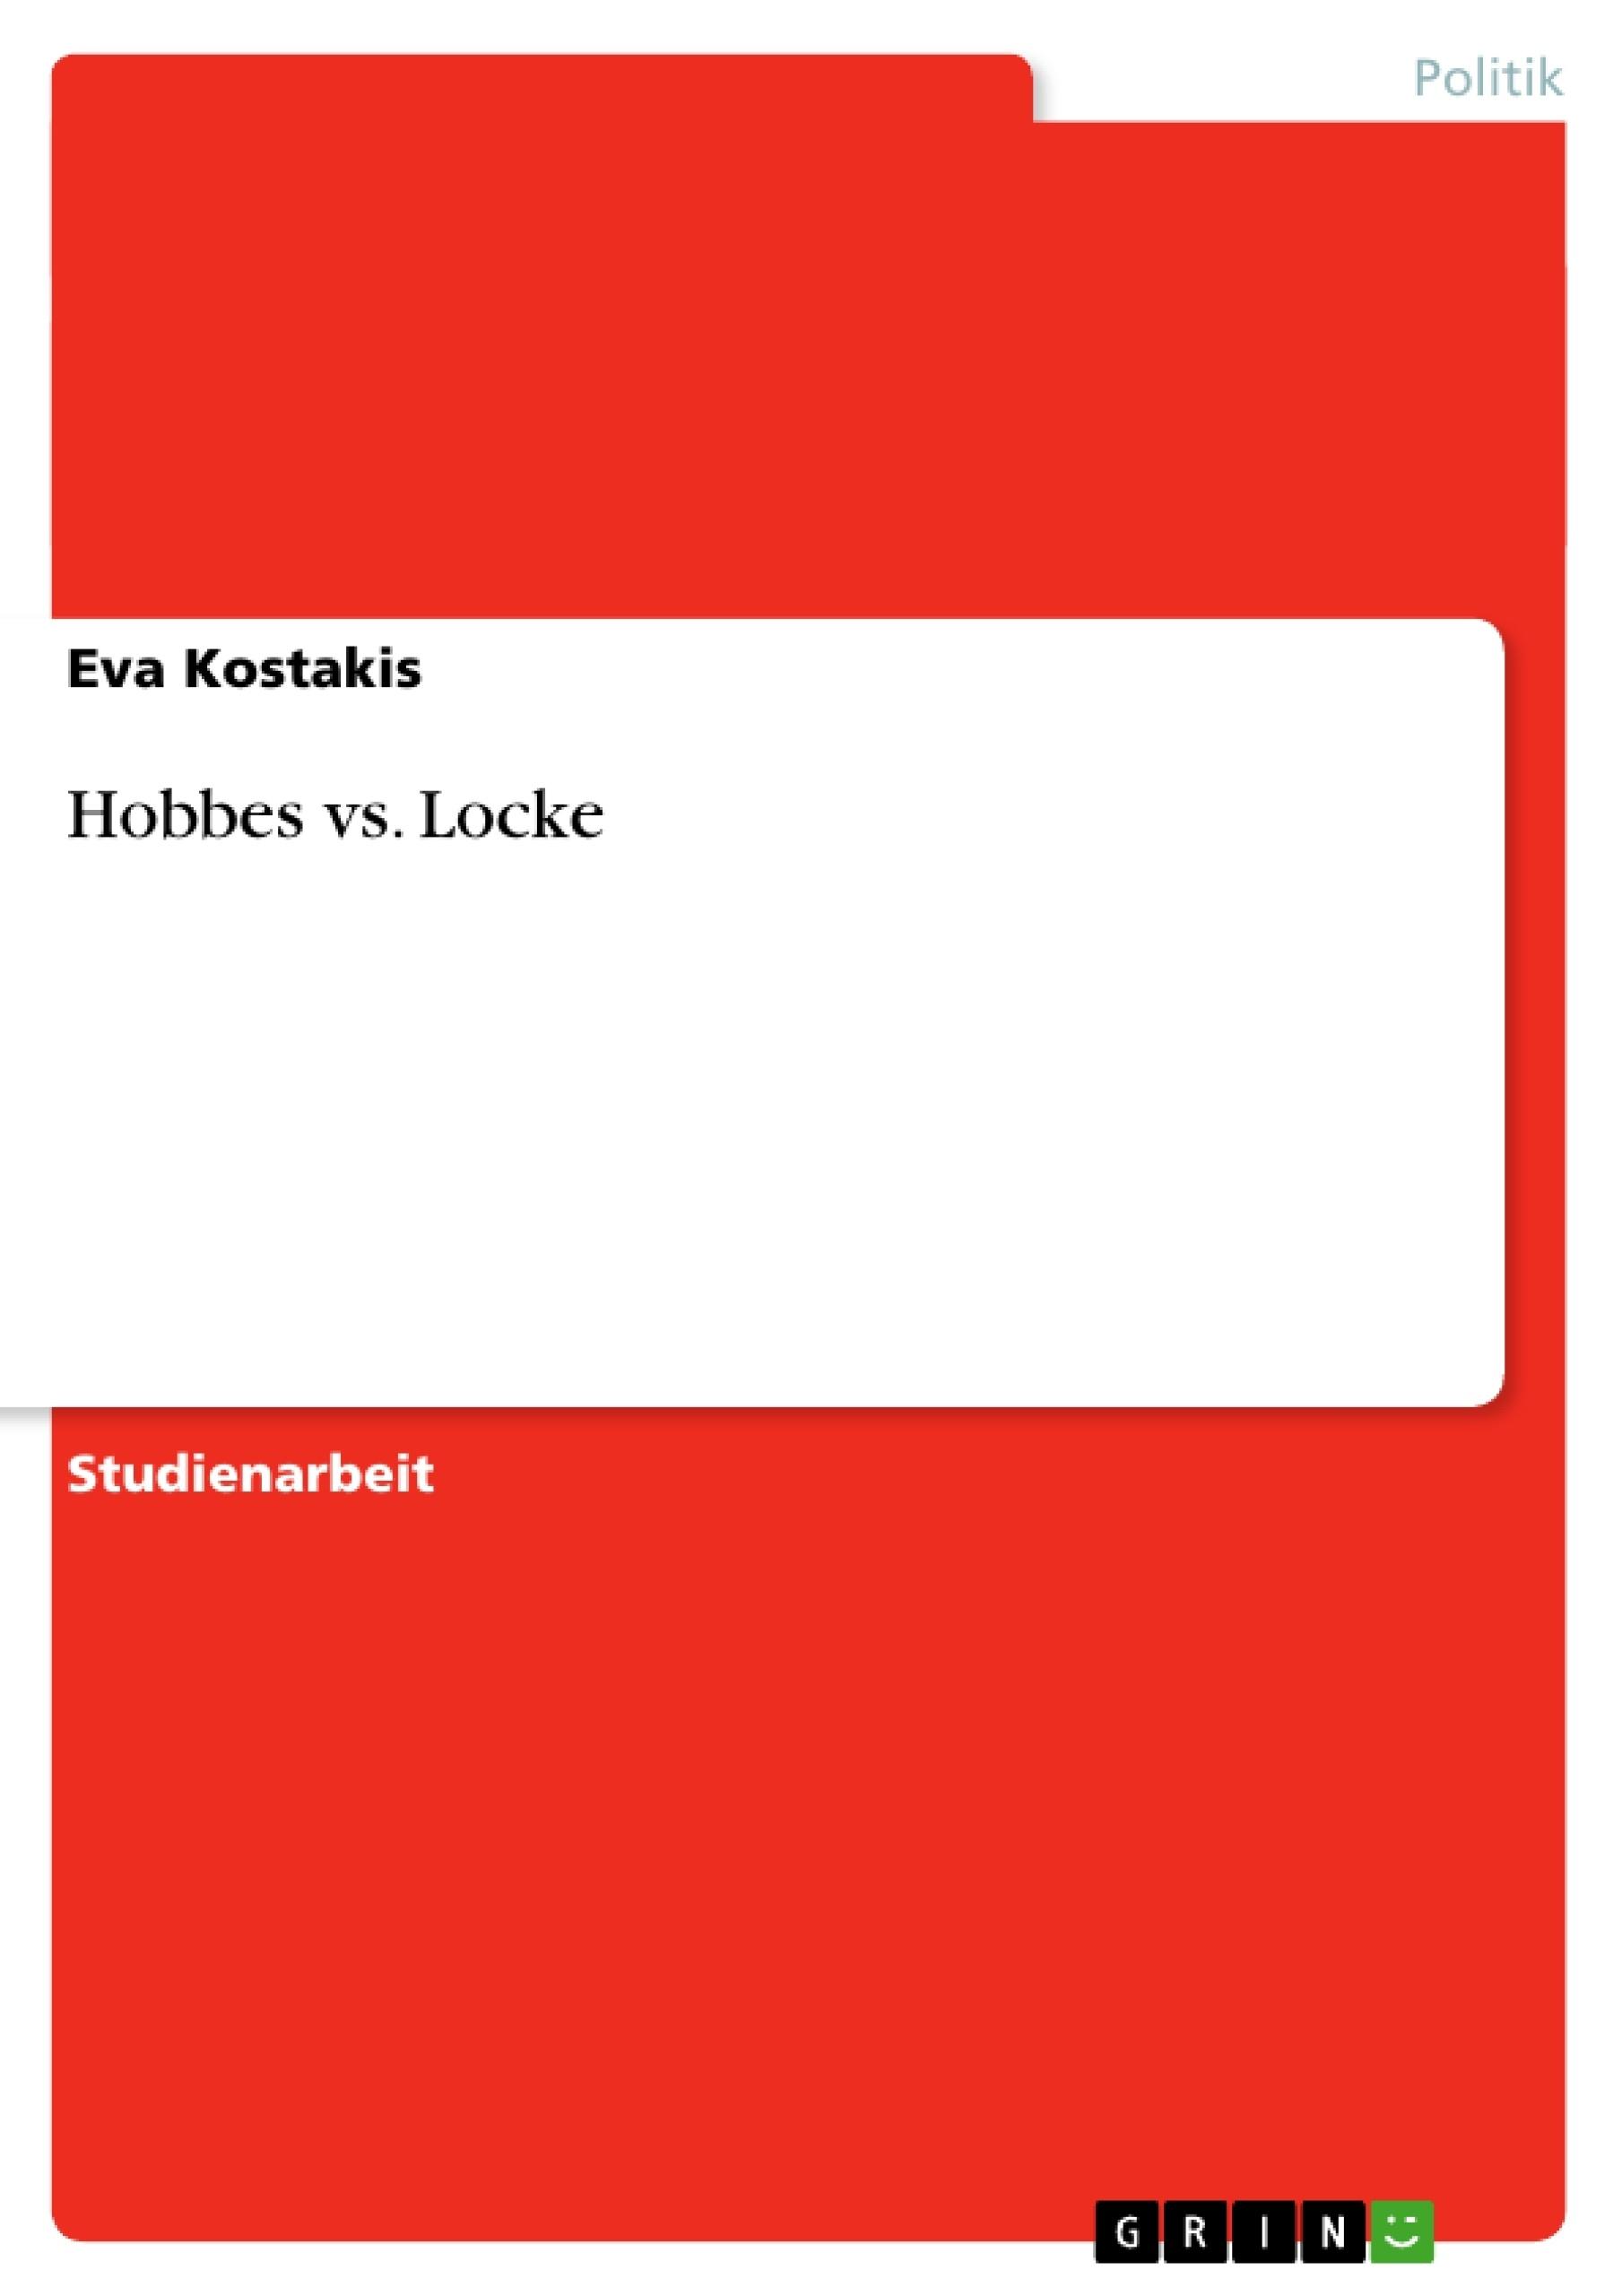 Titel: Hobbes vs. Locke